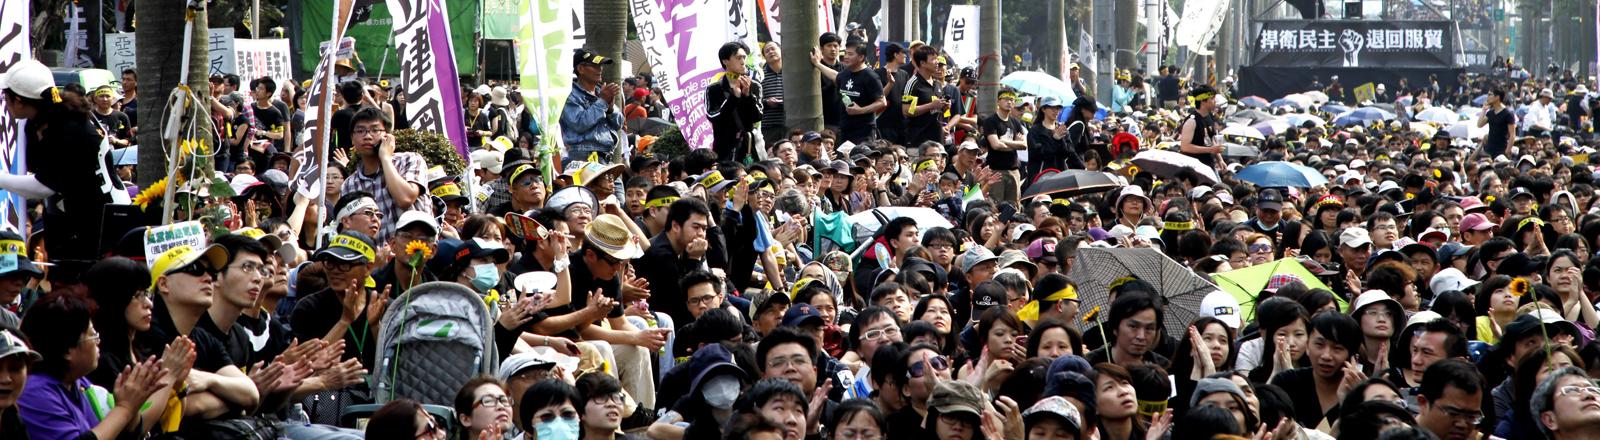 Demonstranten protestieren in Taiwan gegen ein Handelsabkommen mit China